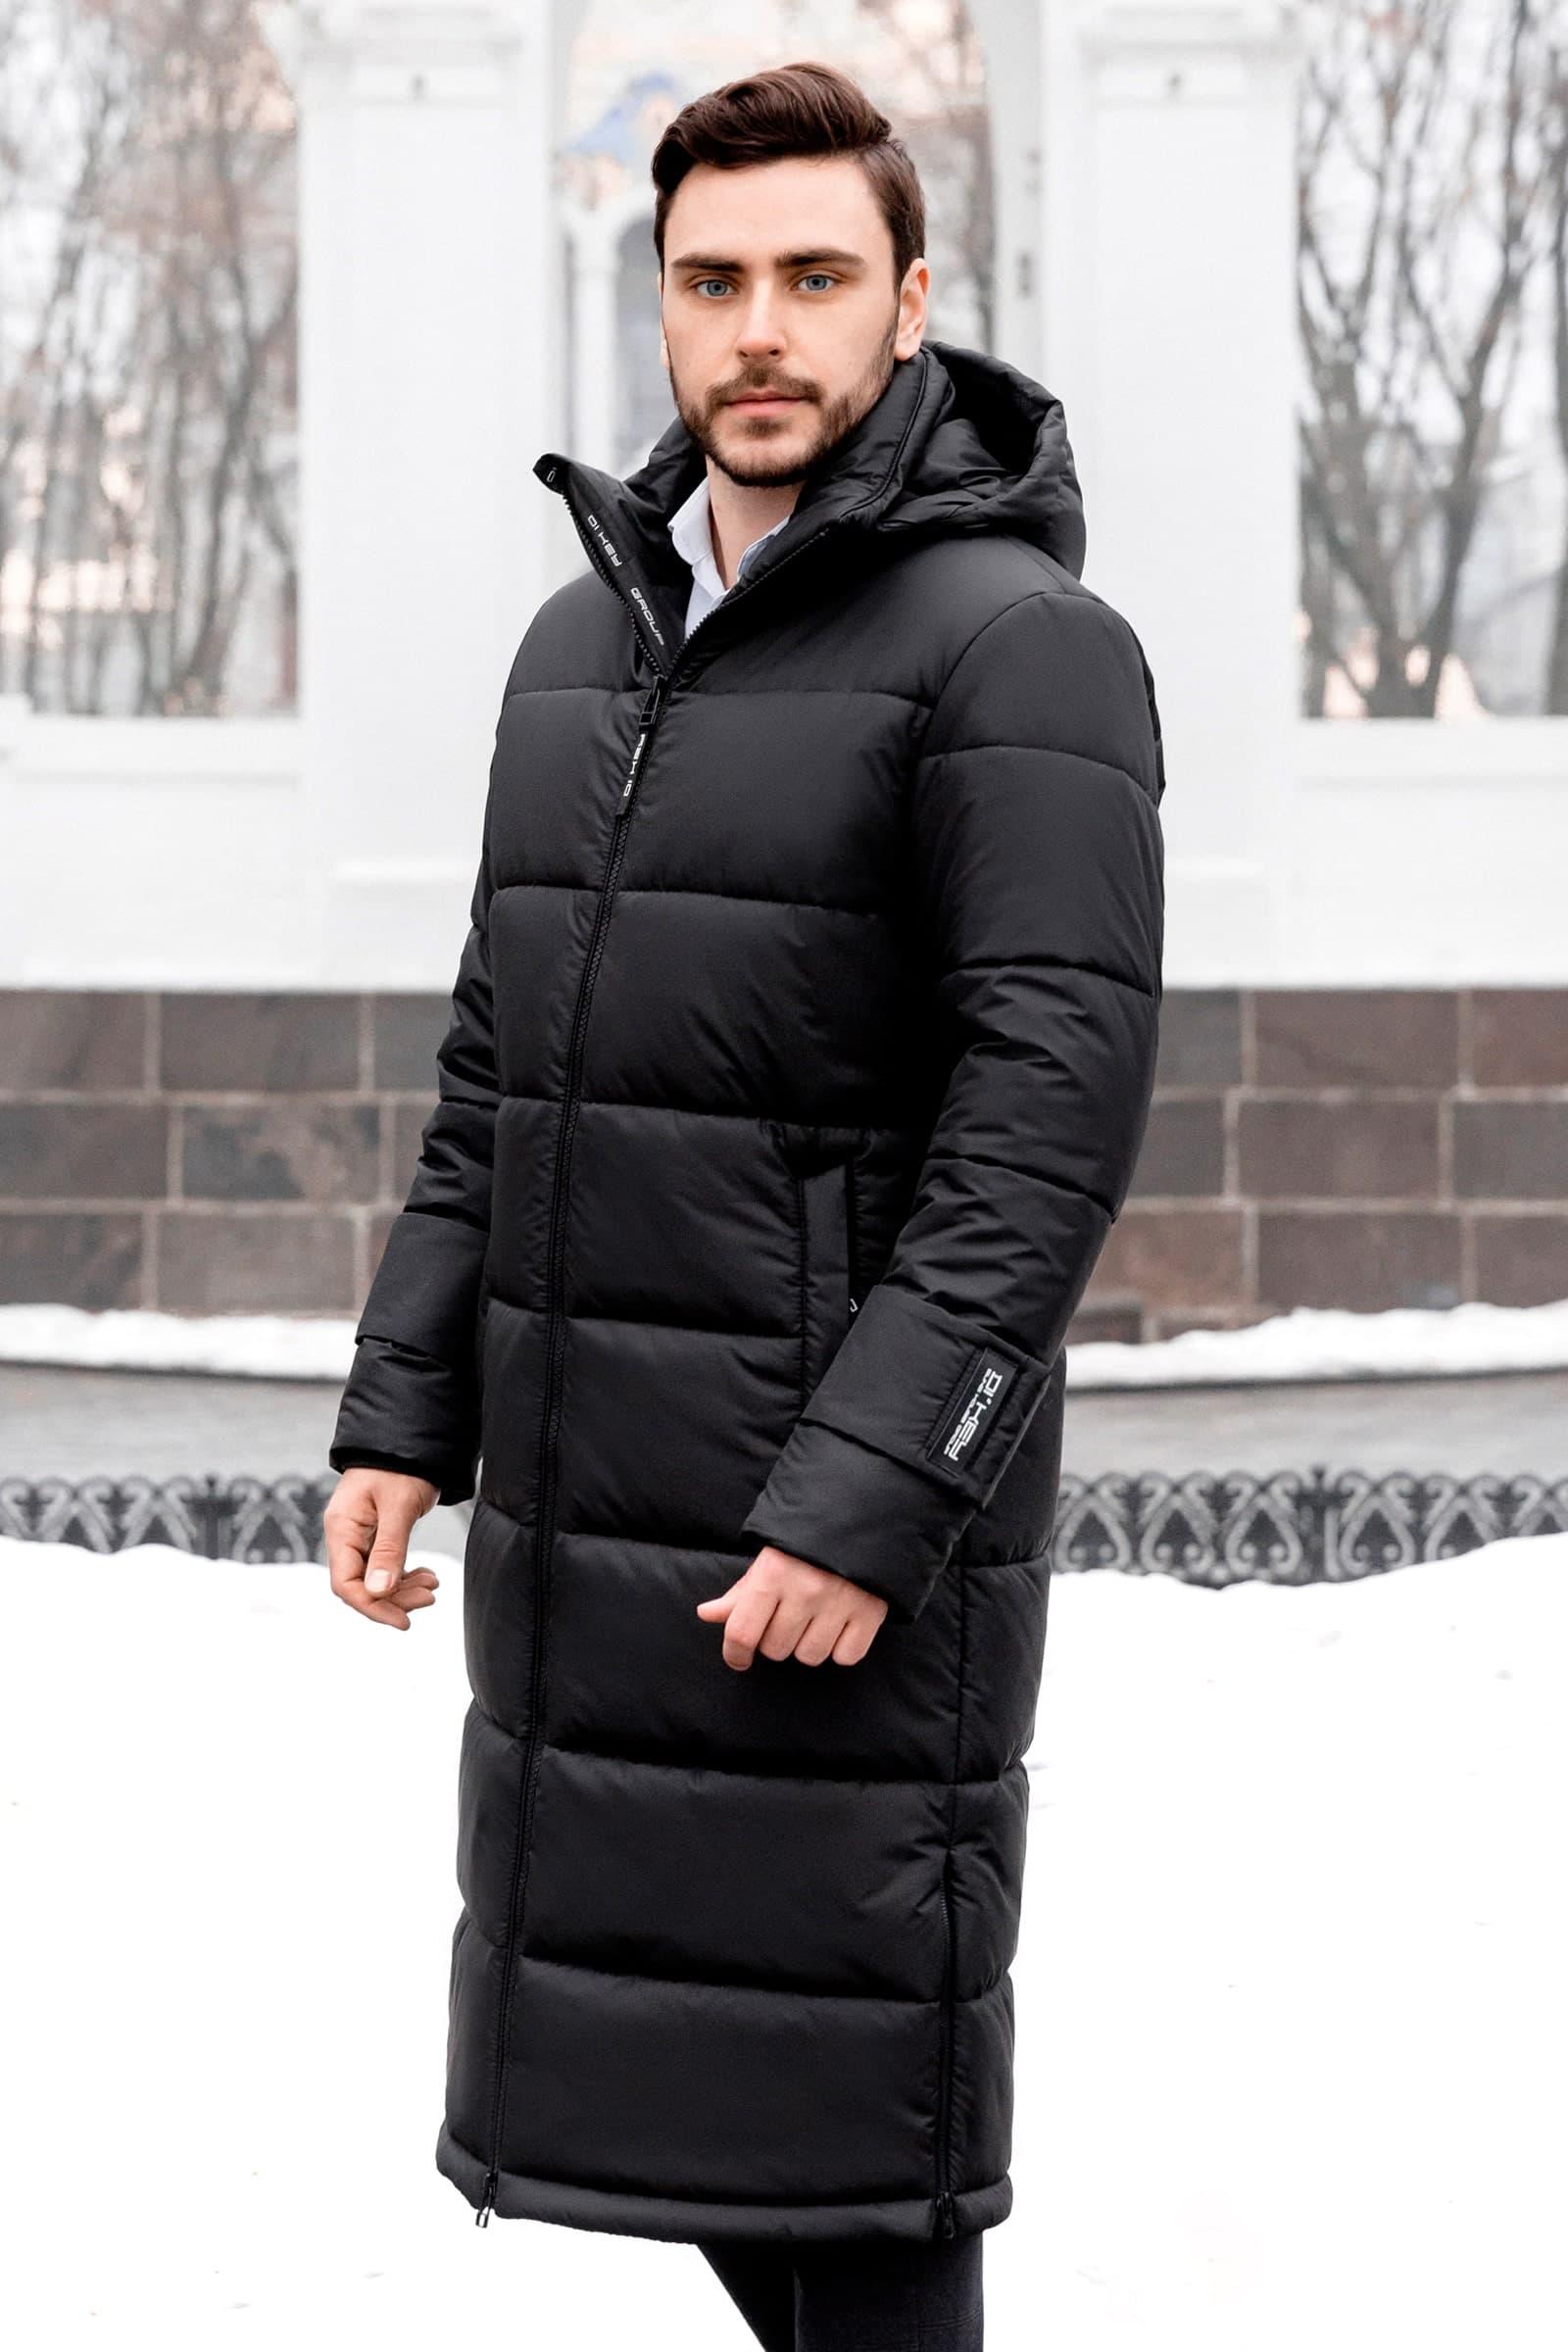 Стильные модели мужских курток - фото